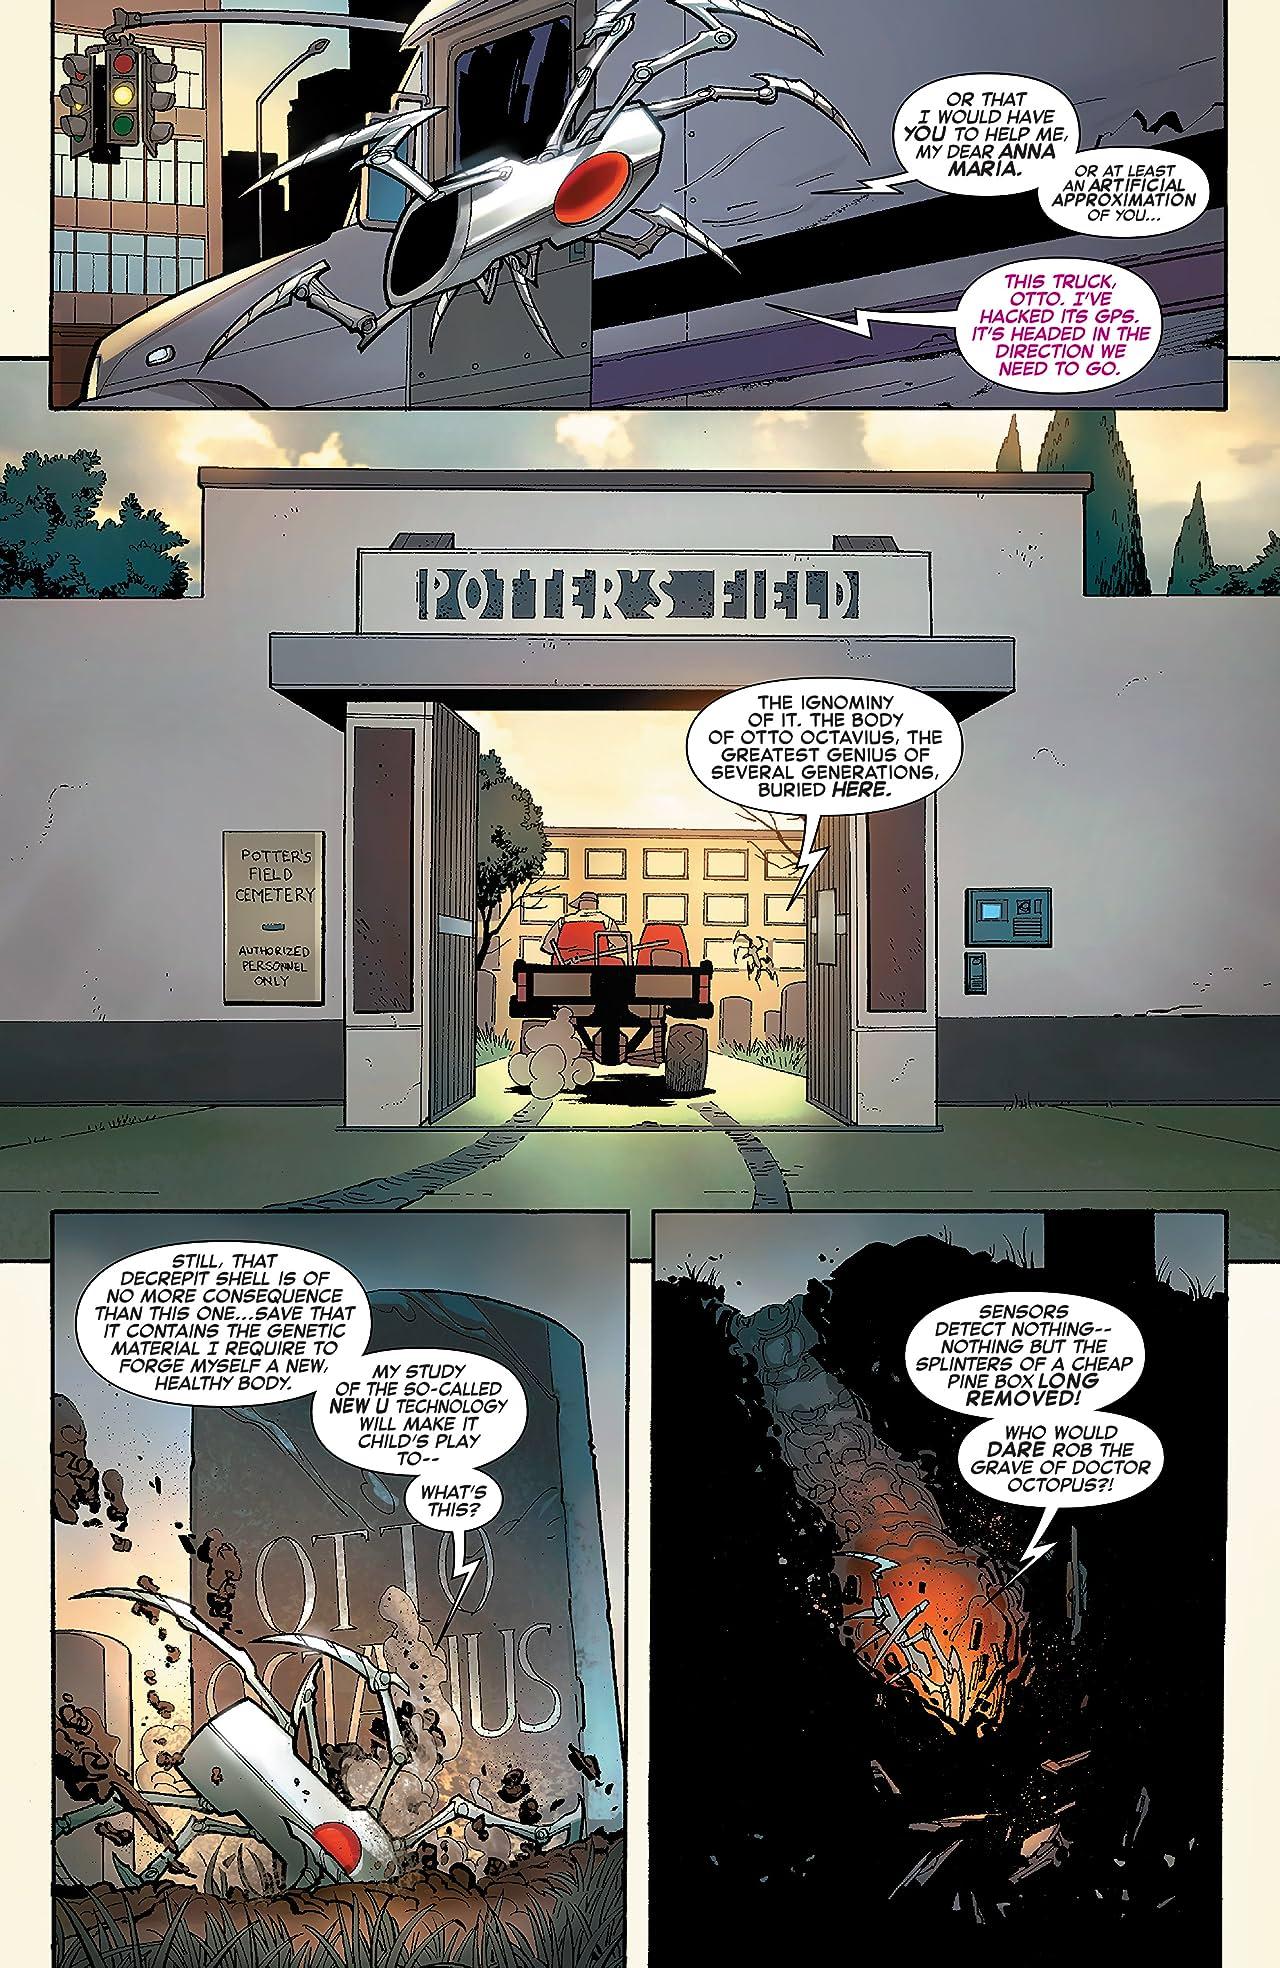 Amazing Spider-Man: Worldwide Collection Vol. 3